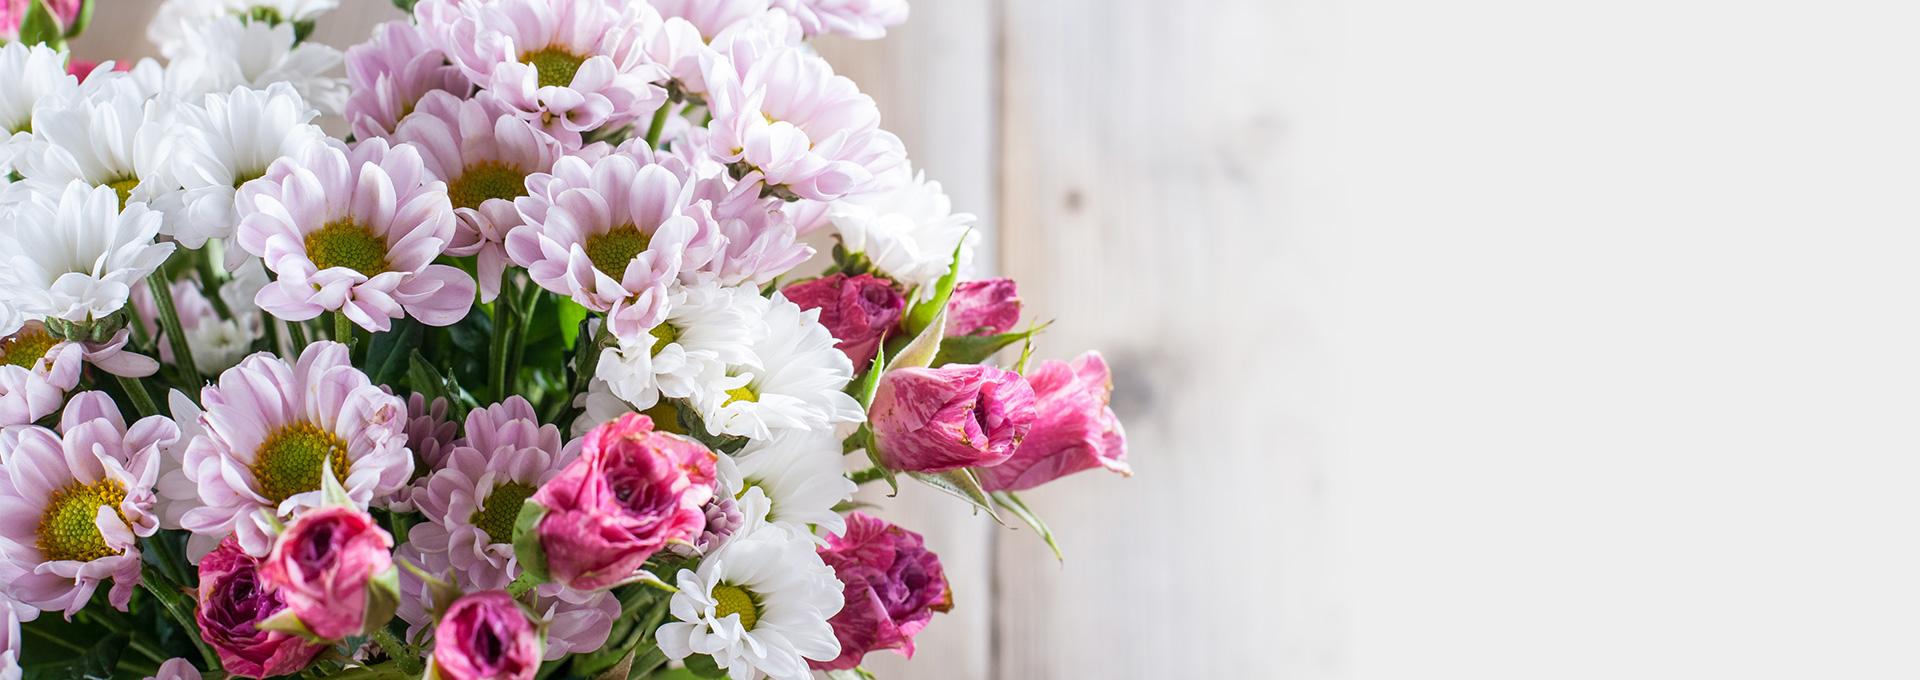 Dobrodošli u cvjećarnicu<br>Cvjetnibuketi.hr